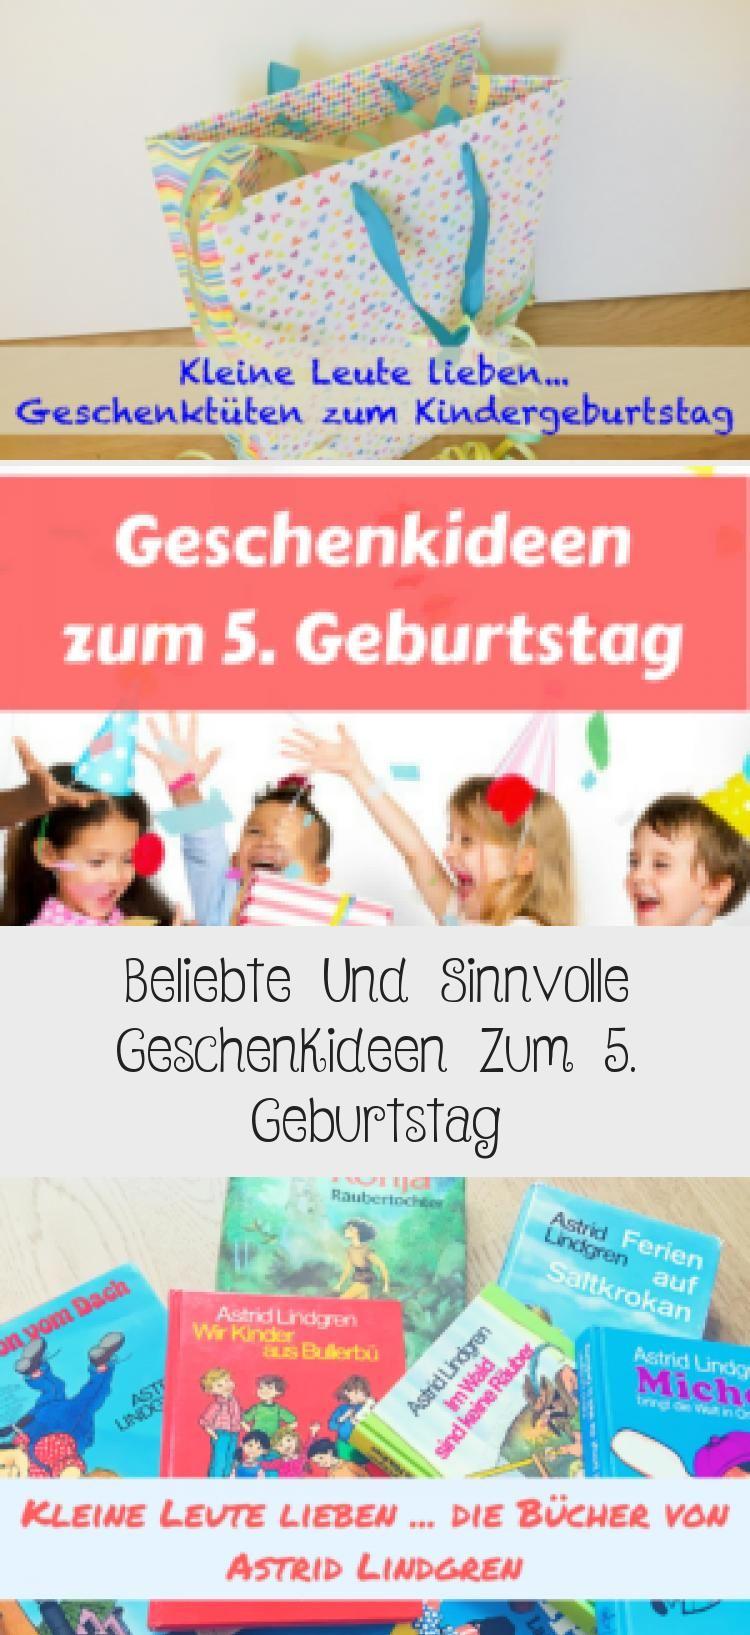 Beliebte Und Sinnvolle Geschenkideen Zum 5 Geburtstag